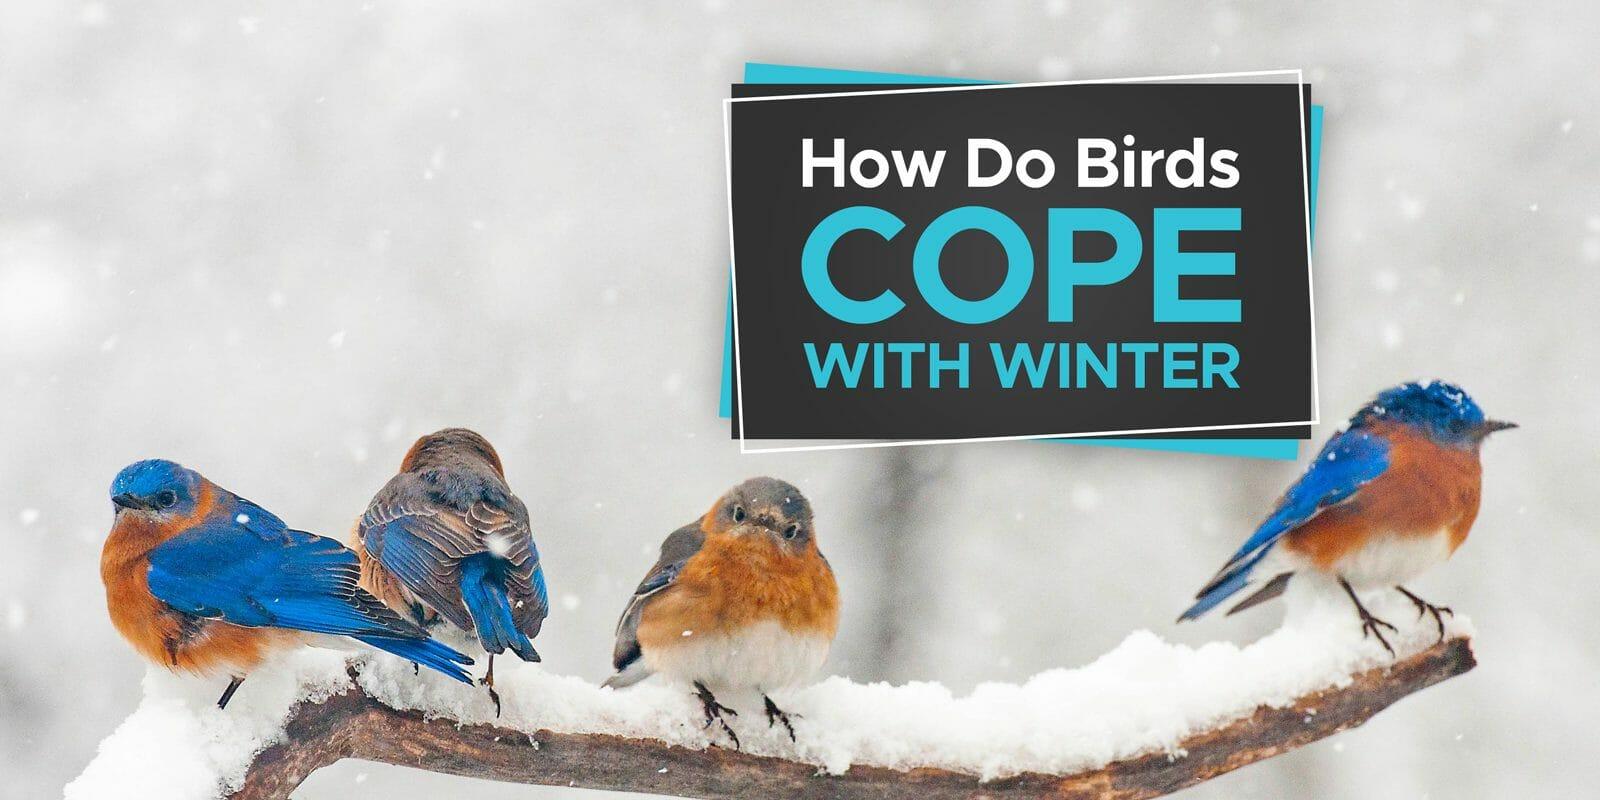 do birds get cold